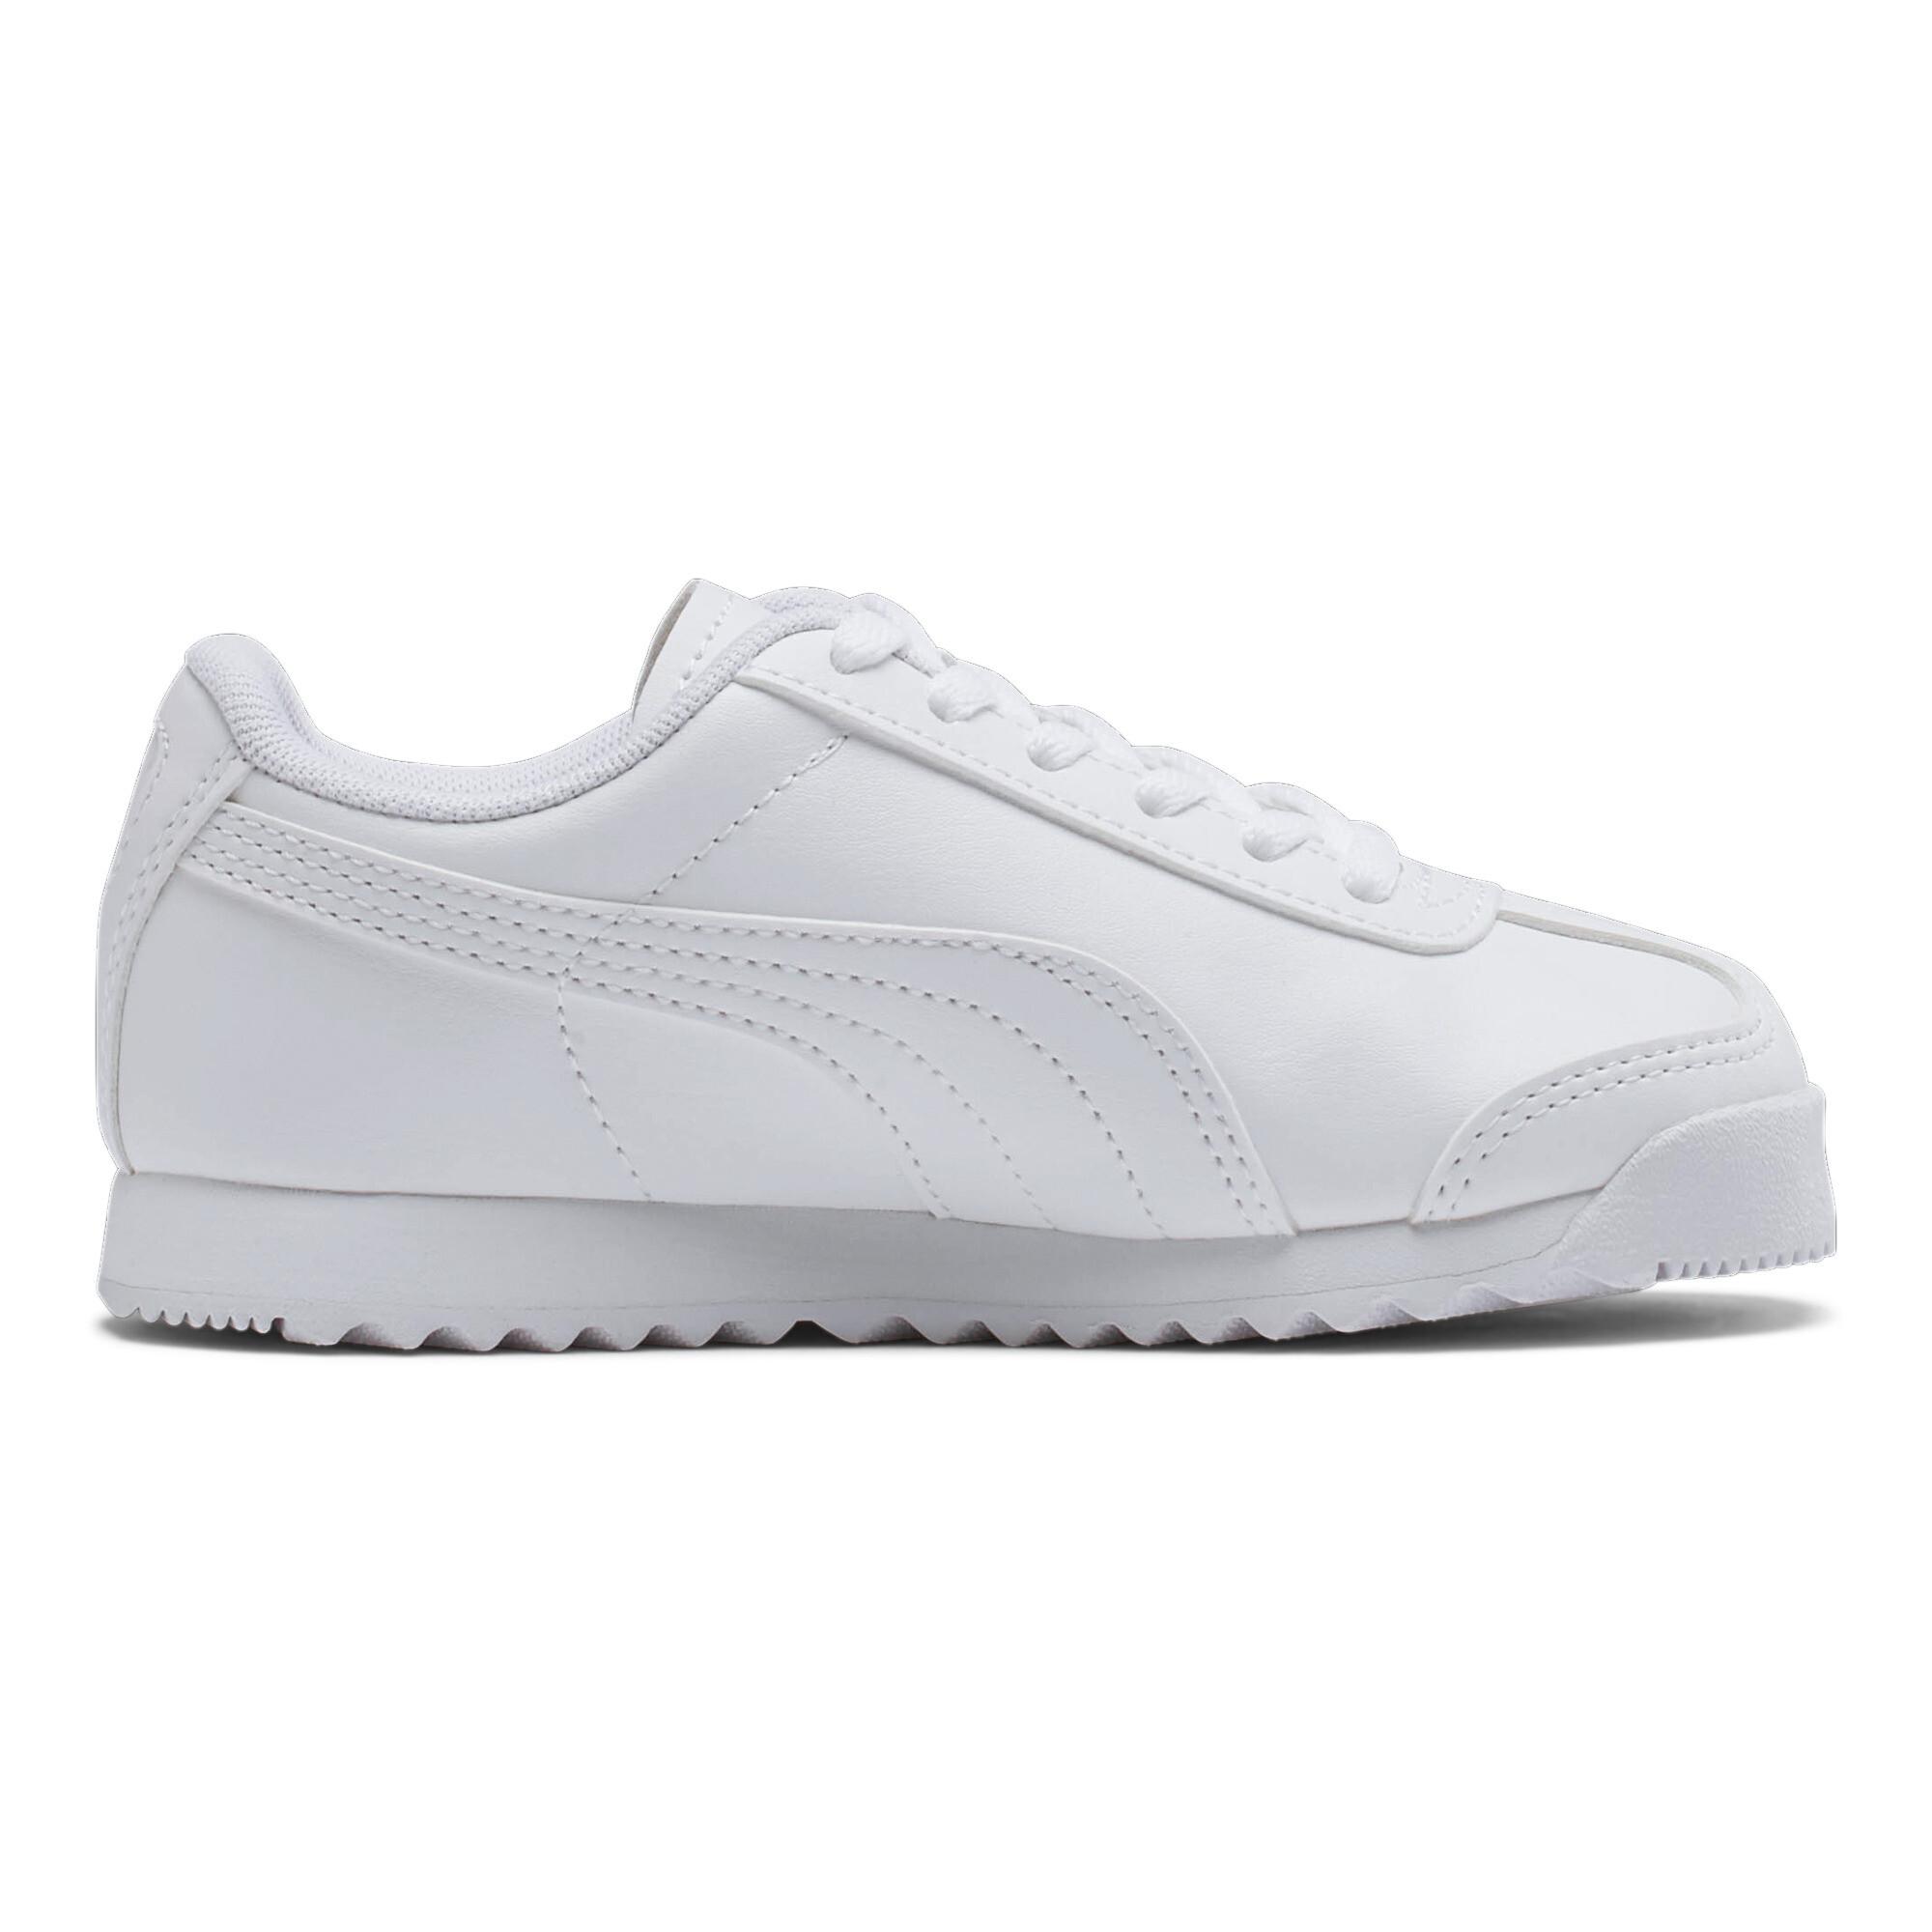 PUMA-Roma-Basic-Little-Kids-039-Shoes-Kids-Shoe-Kids thumbnail 12